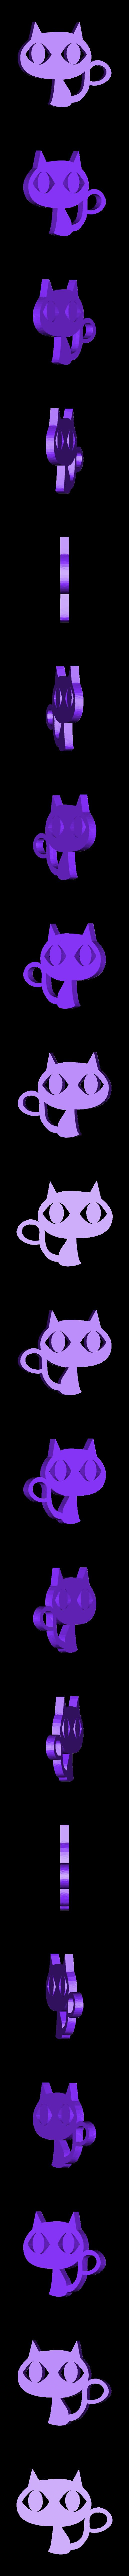 cat.stl Télécharger fichier STL gratuit porte-clés chat • Design pour imprimante 3D, shuranikishin